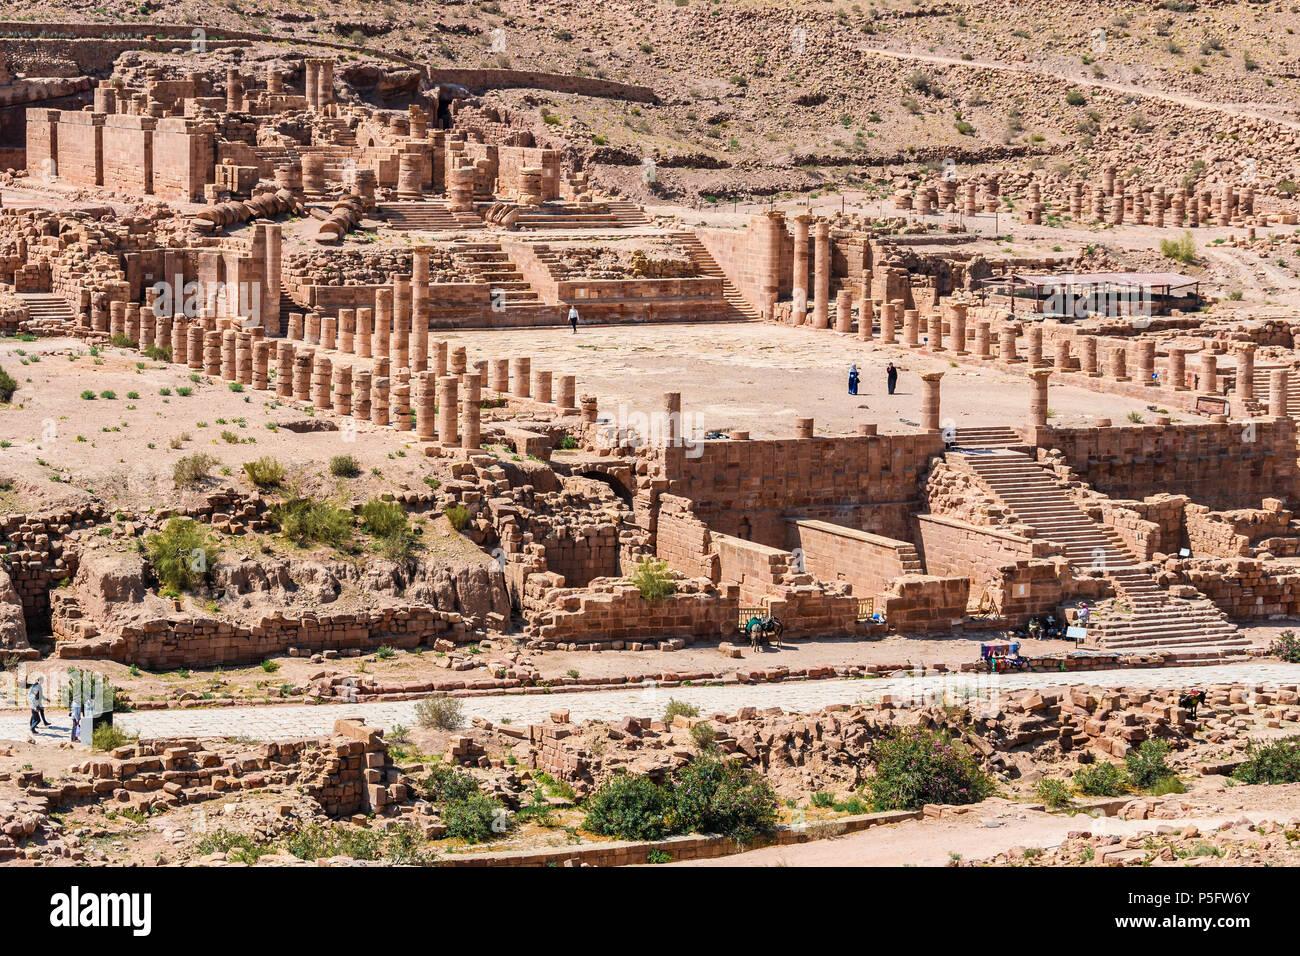 El Gran Templo de la ciudad perdida de Petra, Jordania Imagen De Stock